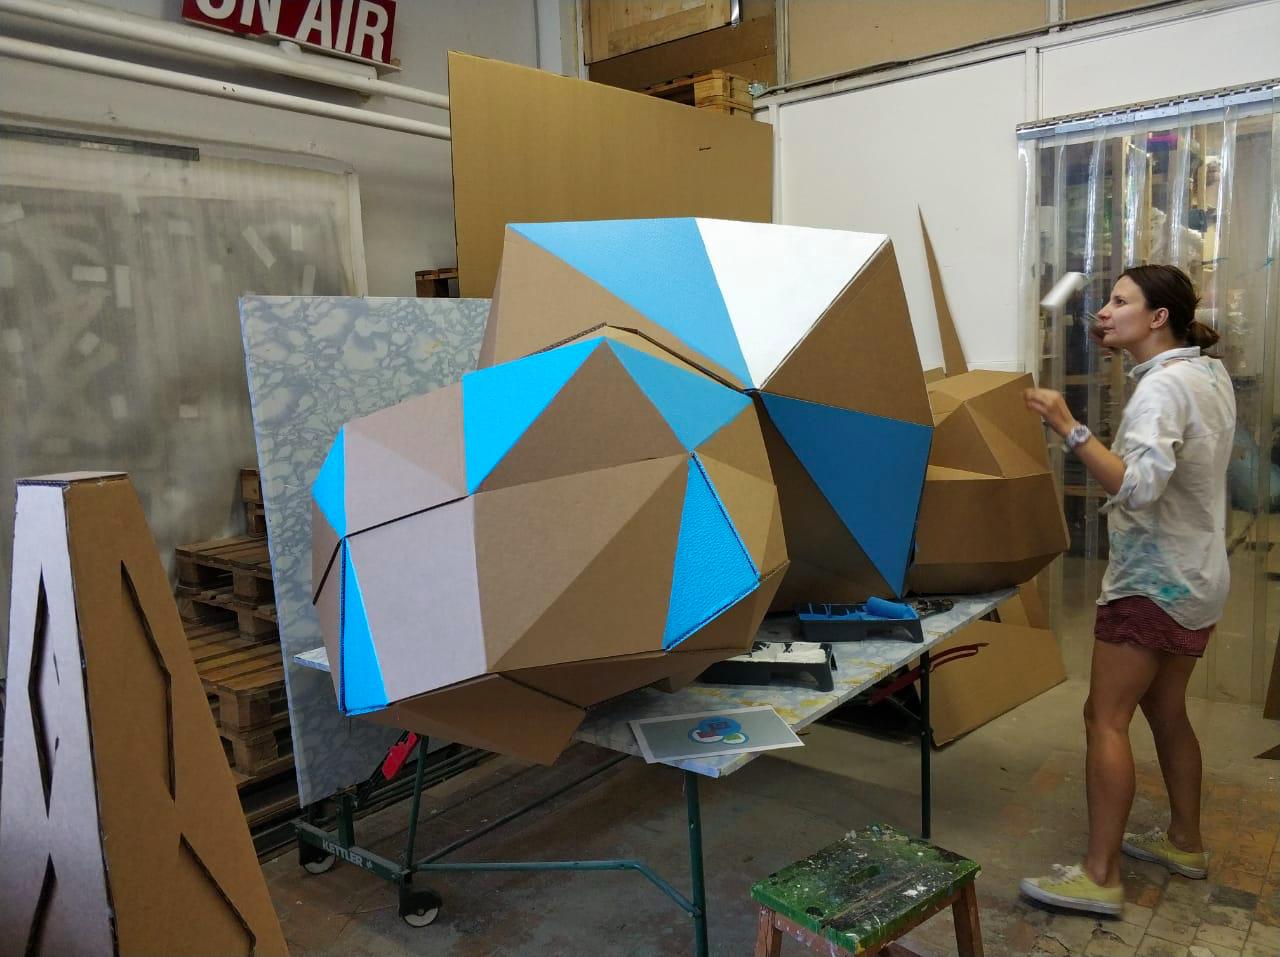 Пятиметровое оригами, или Как построить футуристический город из картона - 11